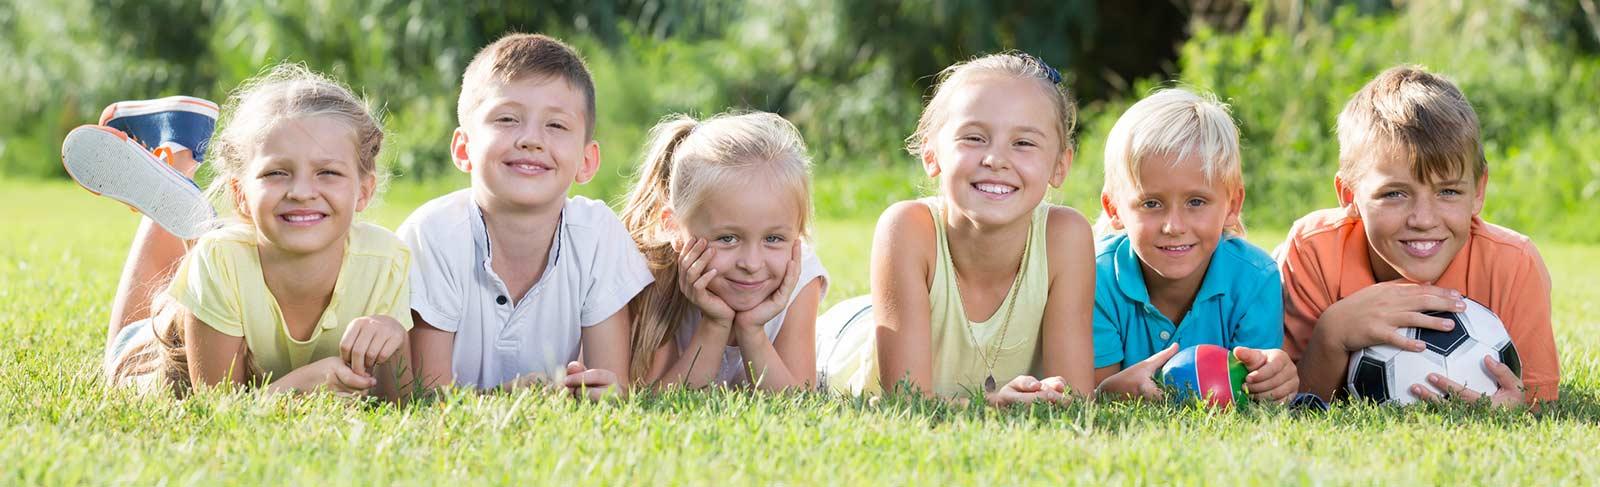 Gruppe von Kindern liegen im Gras